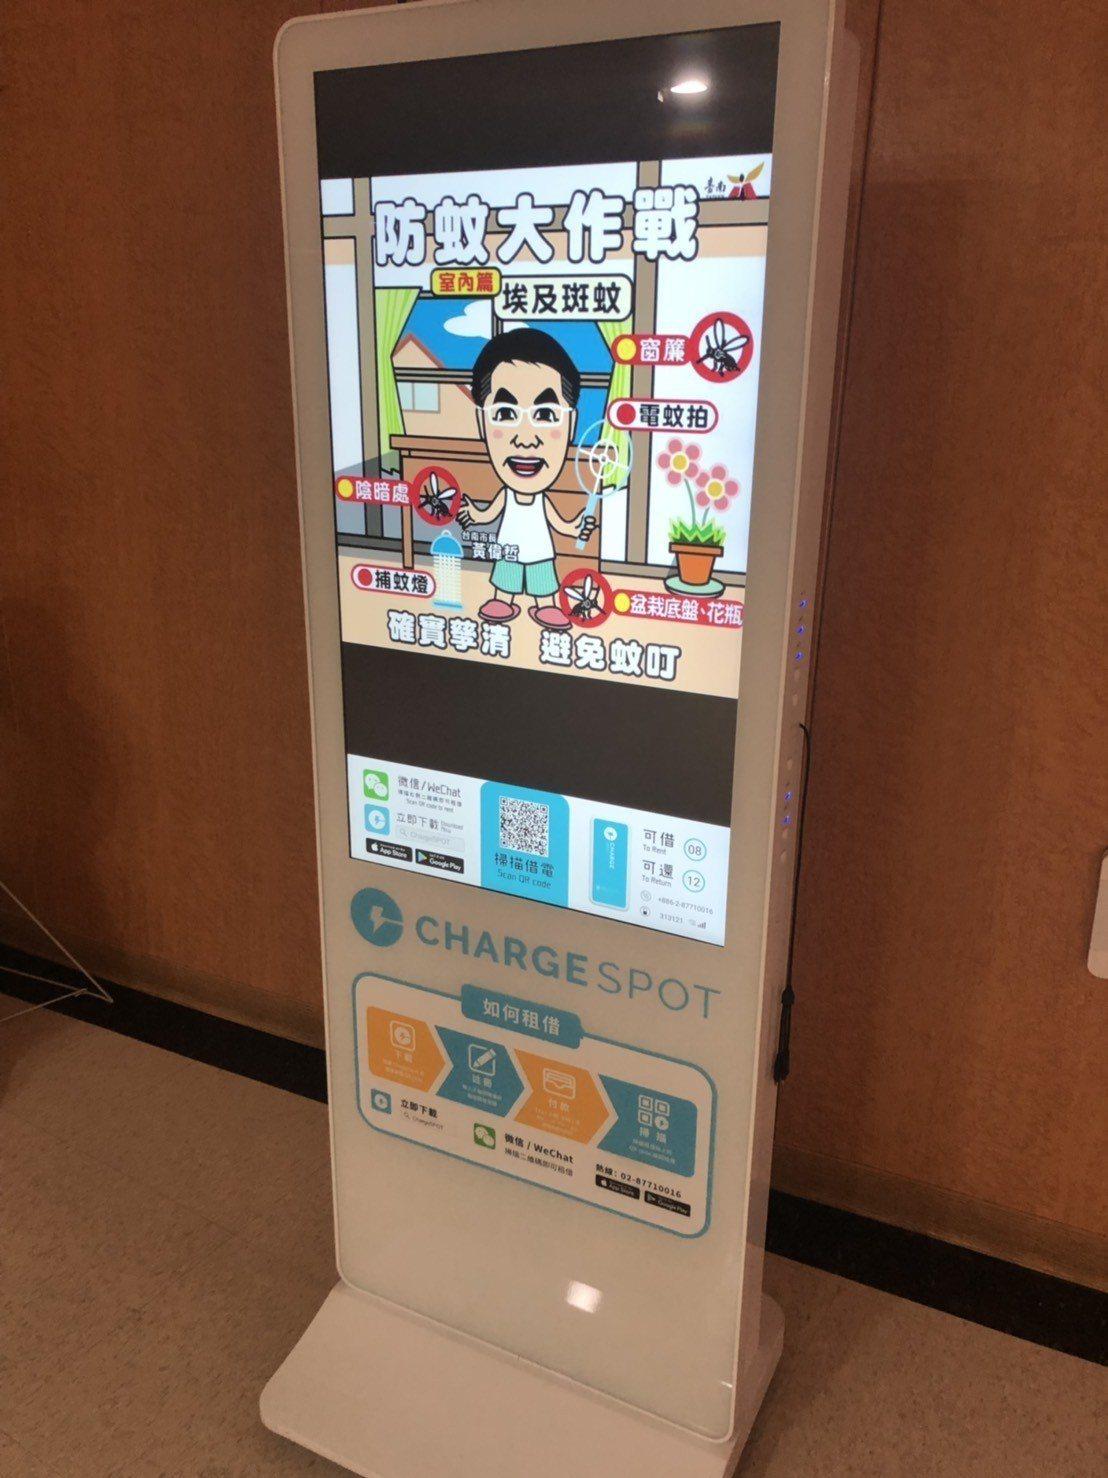 台南市觀光旅遊局推出租借型行動電源。記者鄭維真/攝影